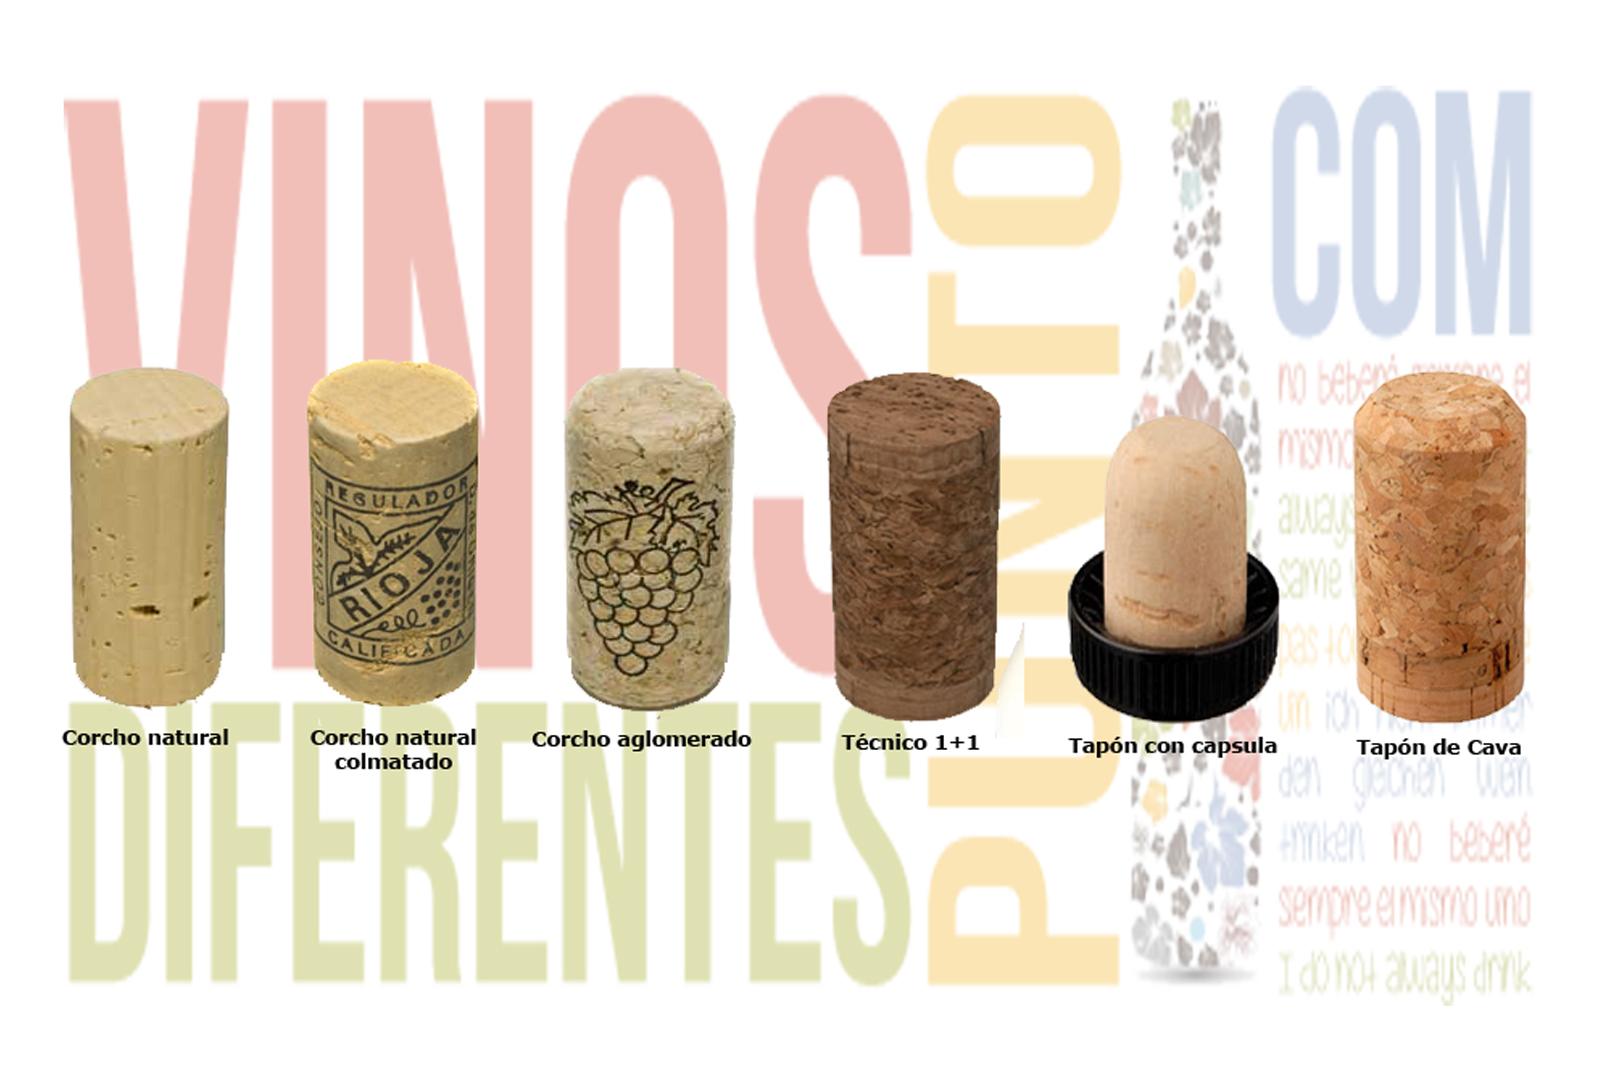 Corchos de vino más usados. Producto ecológico